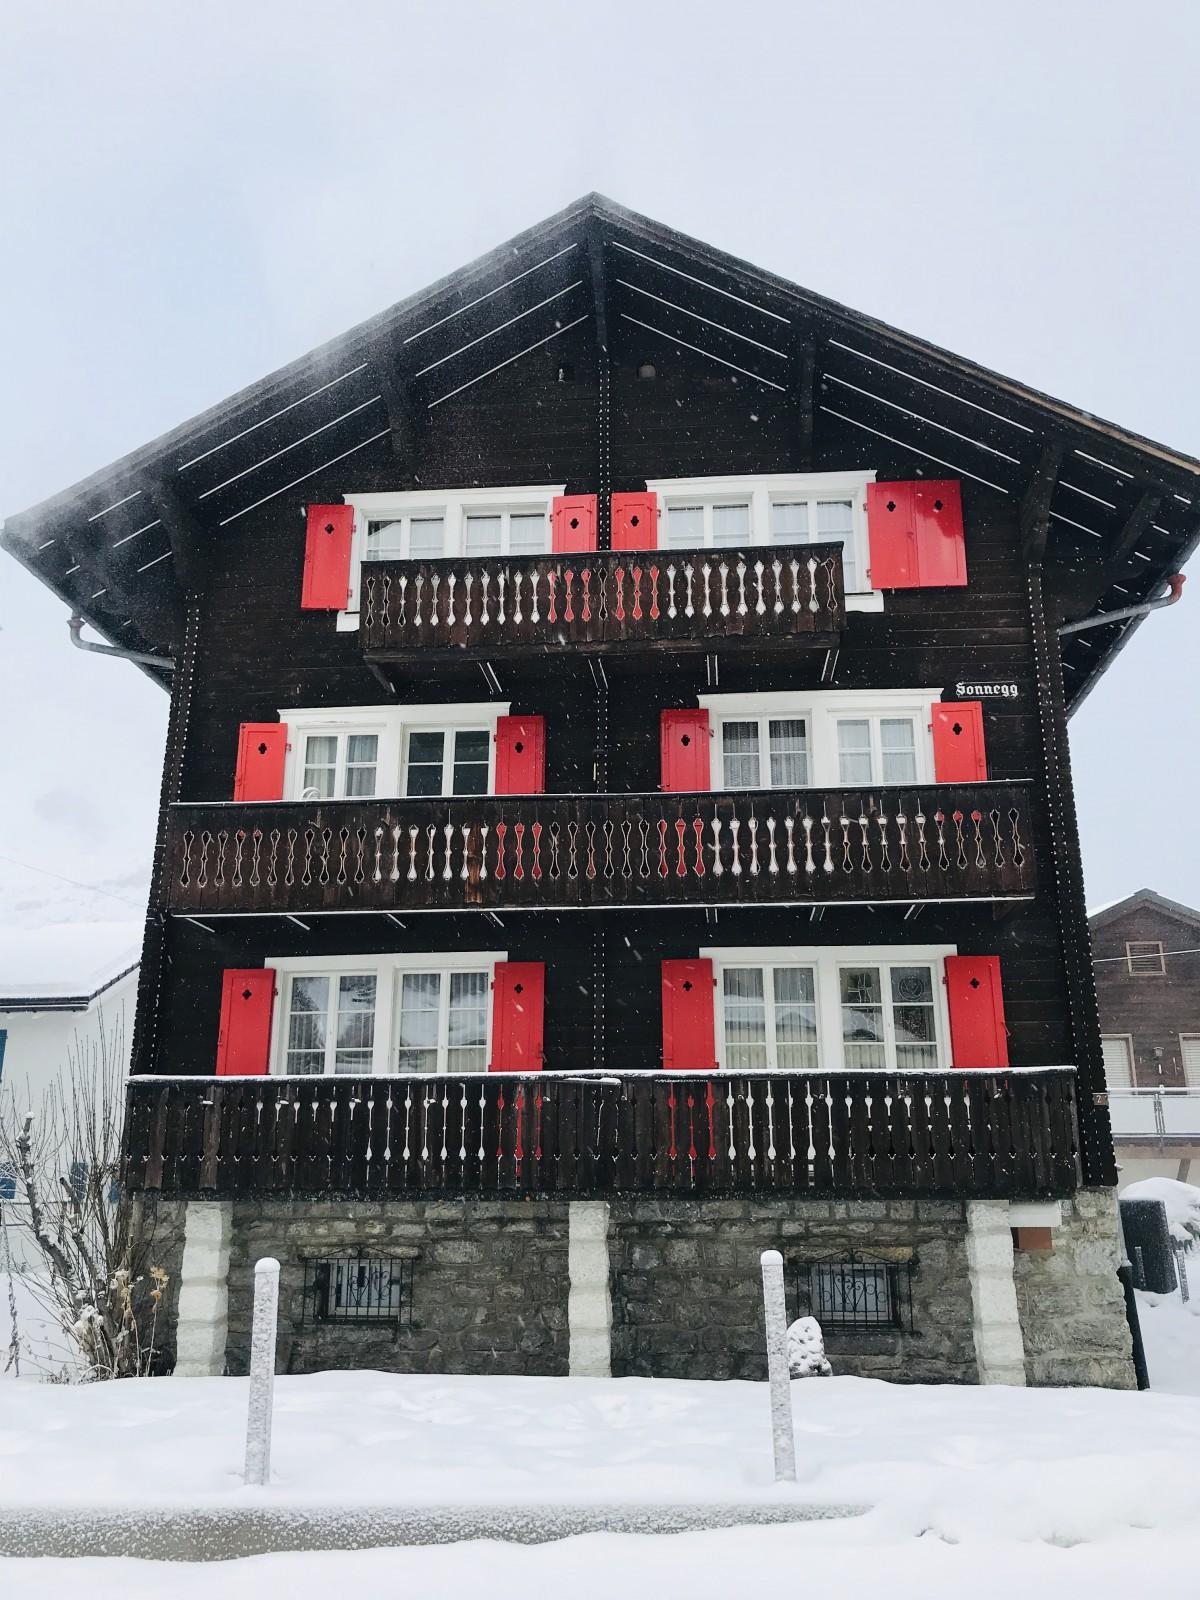 In het oude gedeelte van Andermatt staan nog veel oude, typisch Zwitserse huizen. Foto: Pauline van der Waal